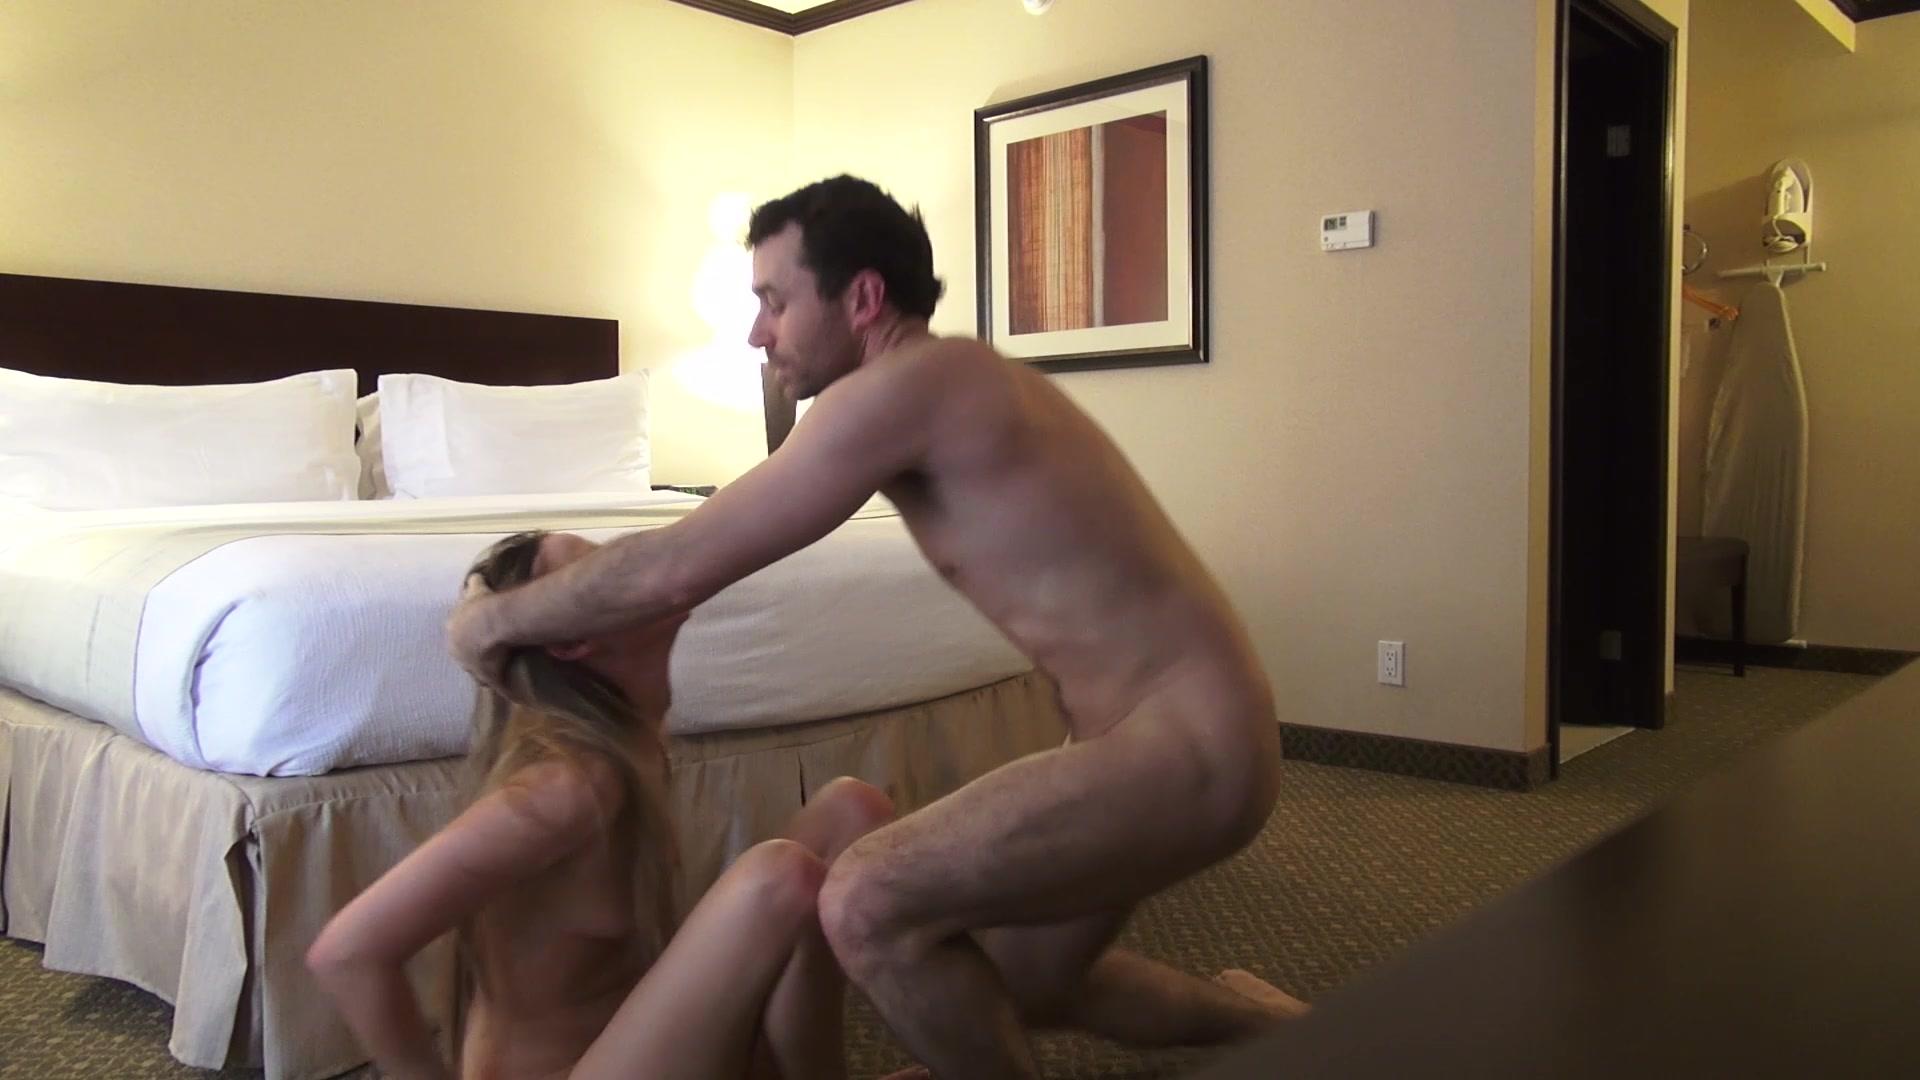 James deen sex tape